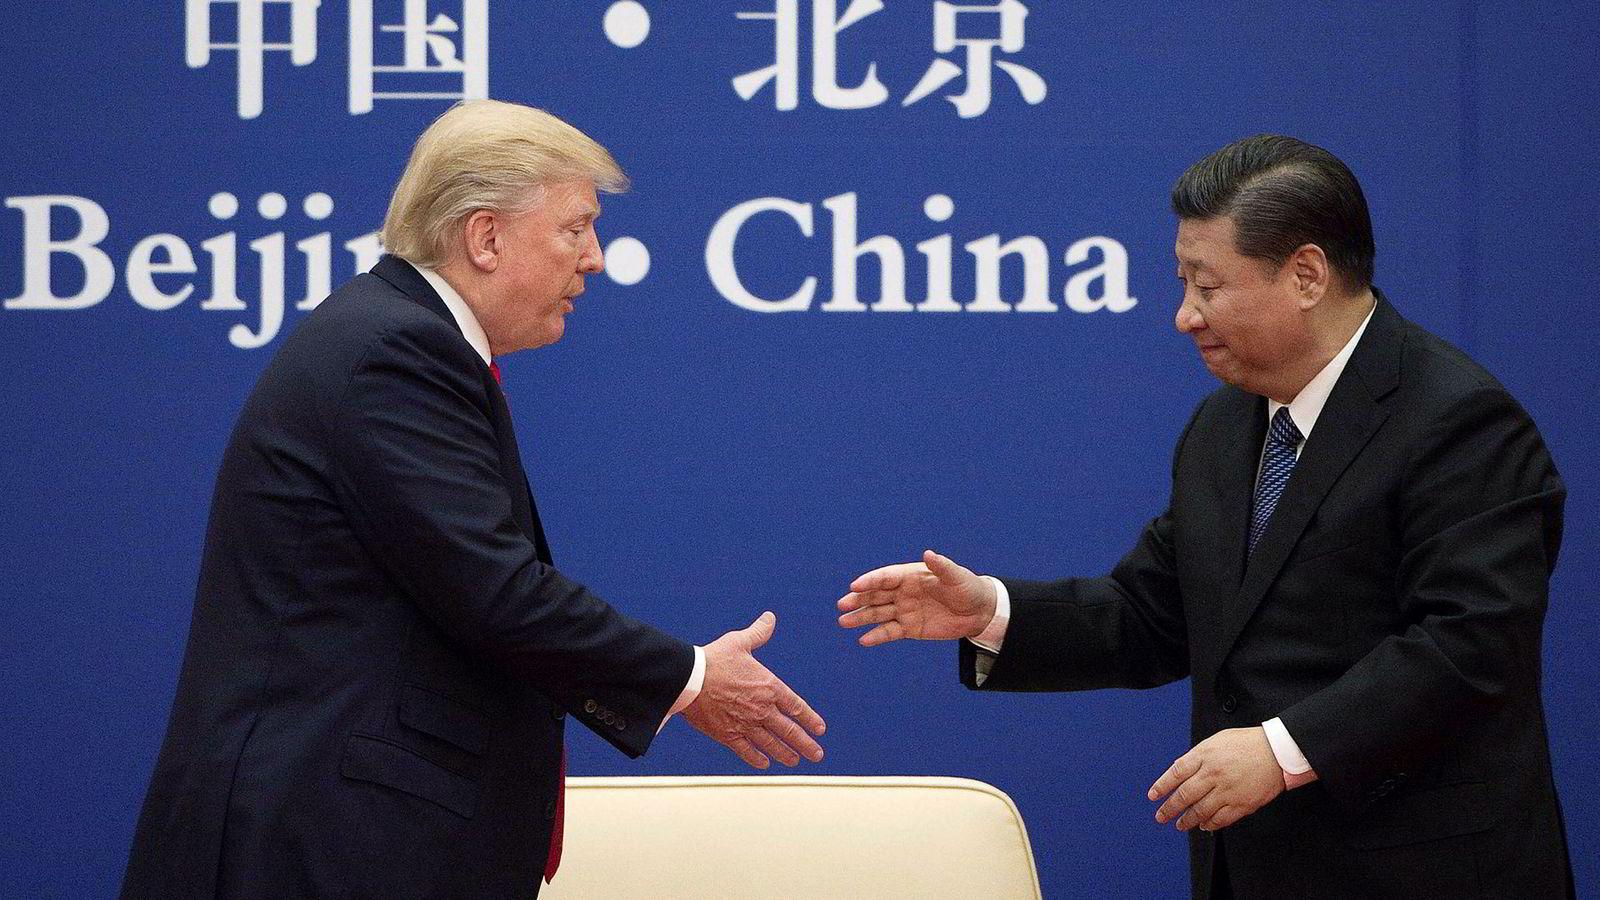 Det er over to måneder siden handelsforhandlingene mellom USA og Kina kollapset. Over helgen starter de på nytt.